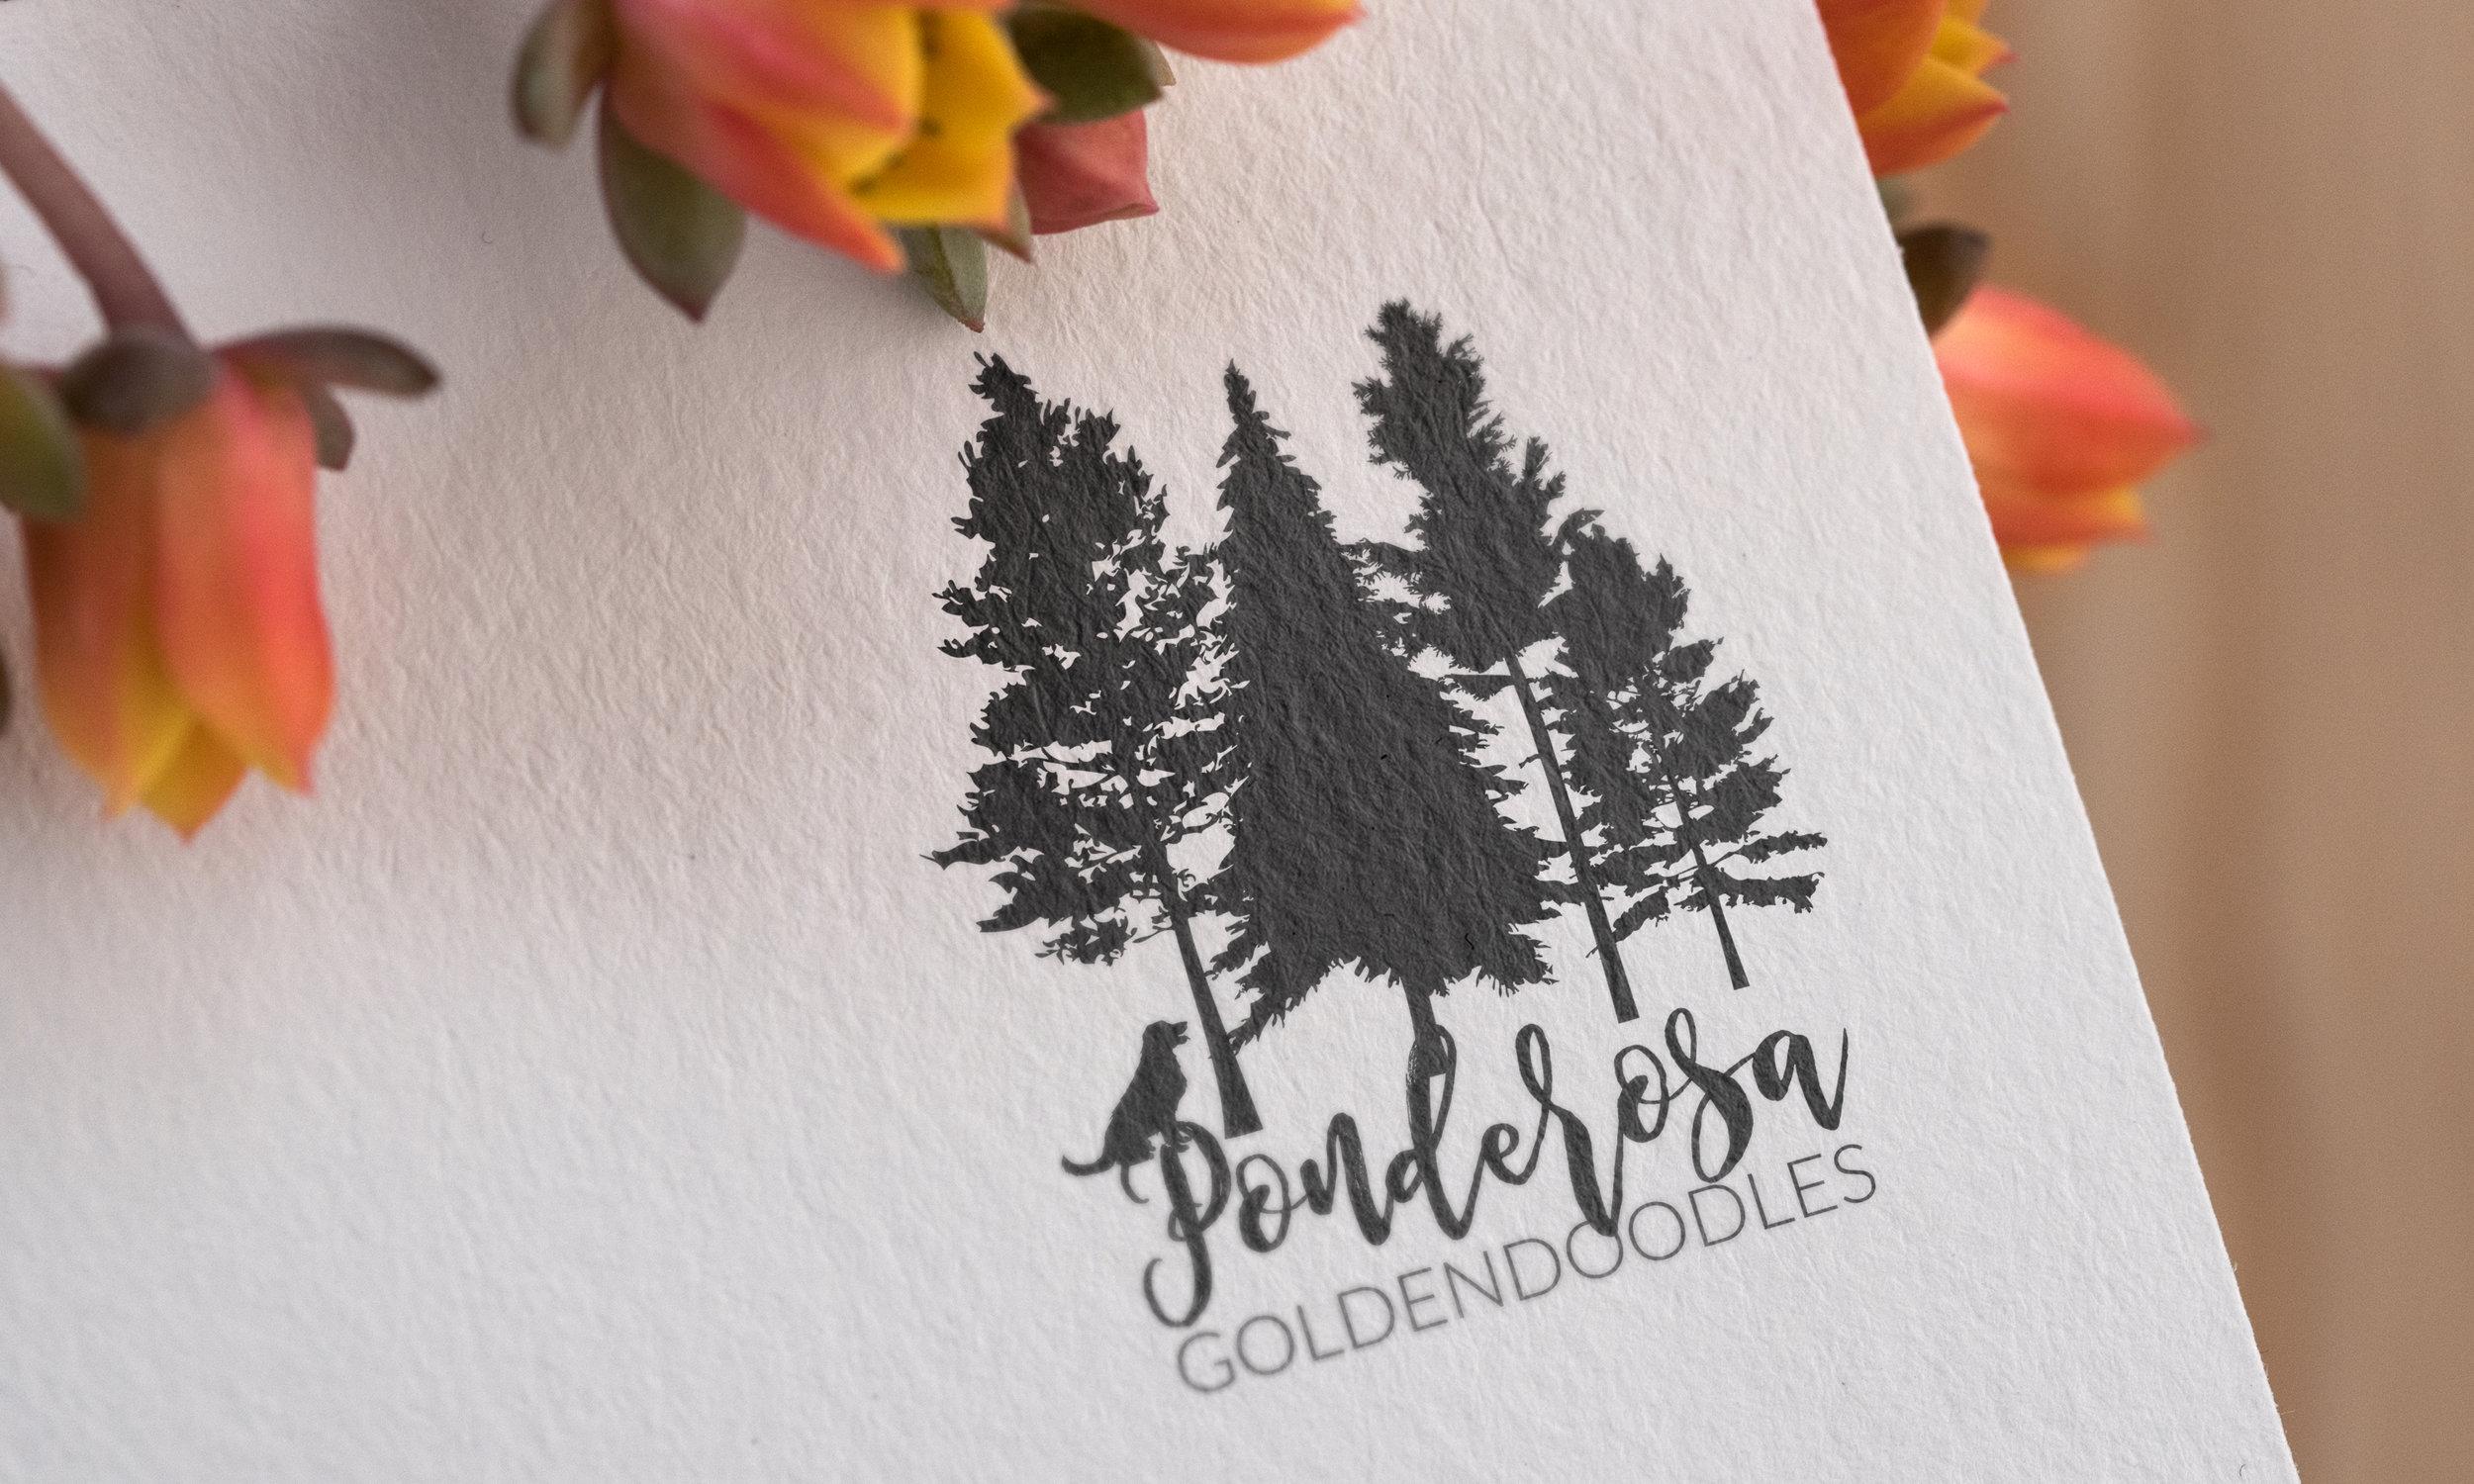 PonderosaGoldendoodles_Mockup_Logo.jpg